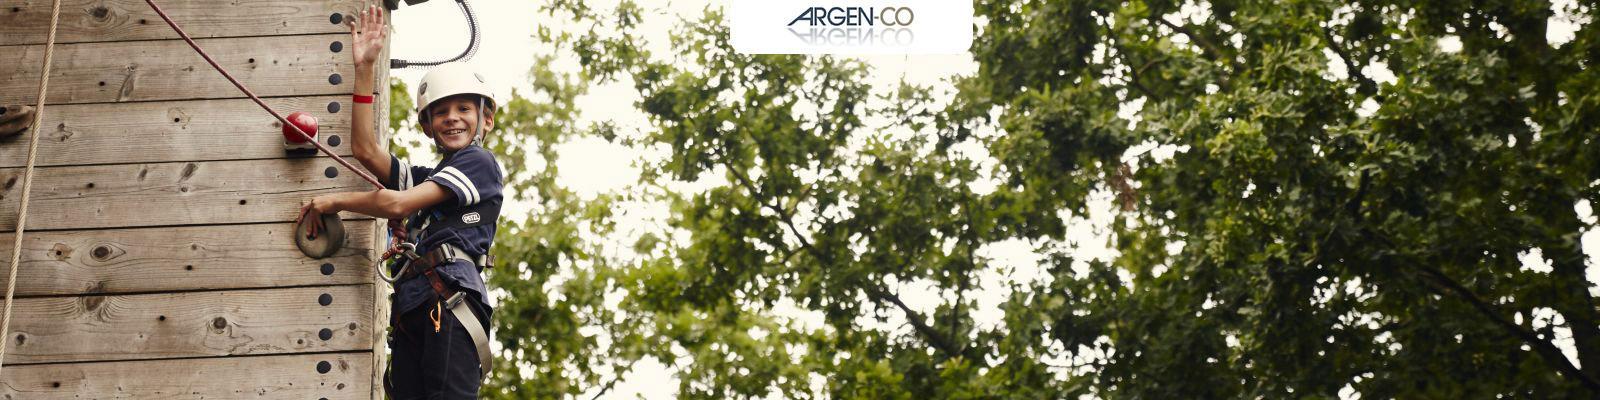 argen-co